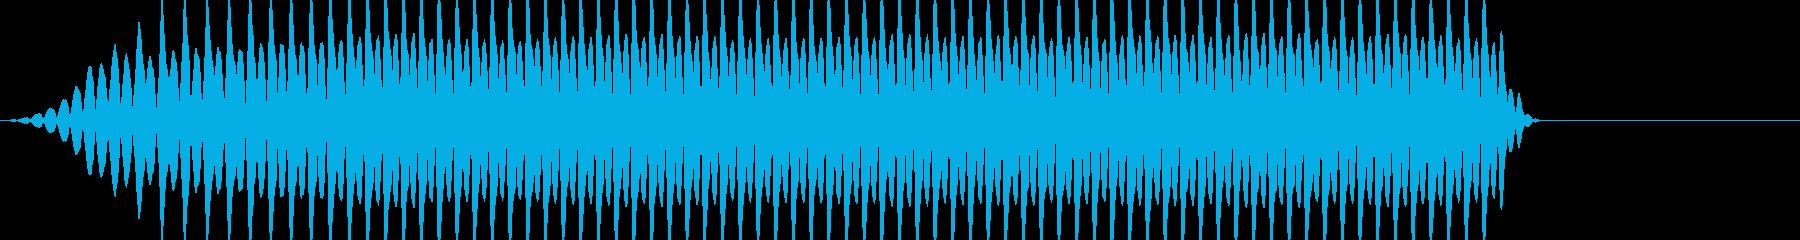 ピロピロピロピロー(パワーを溜める音)の再生済みの波形